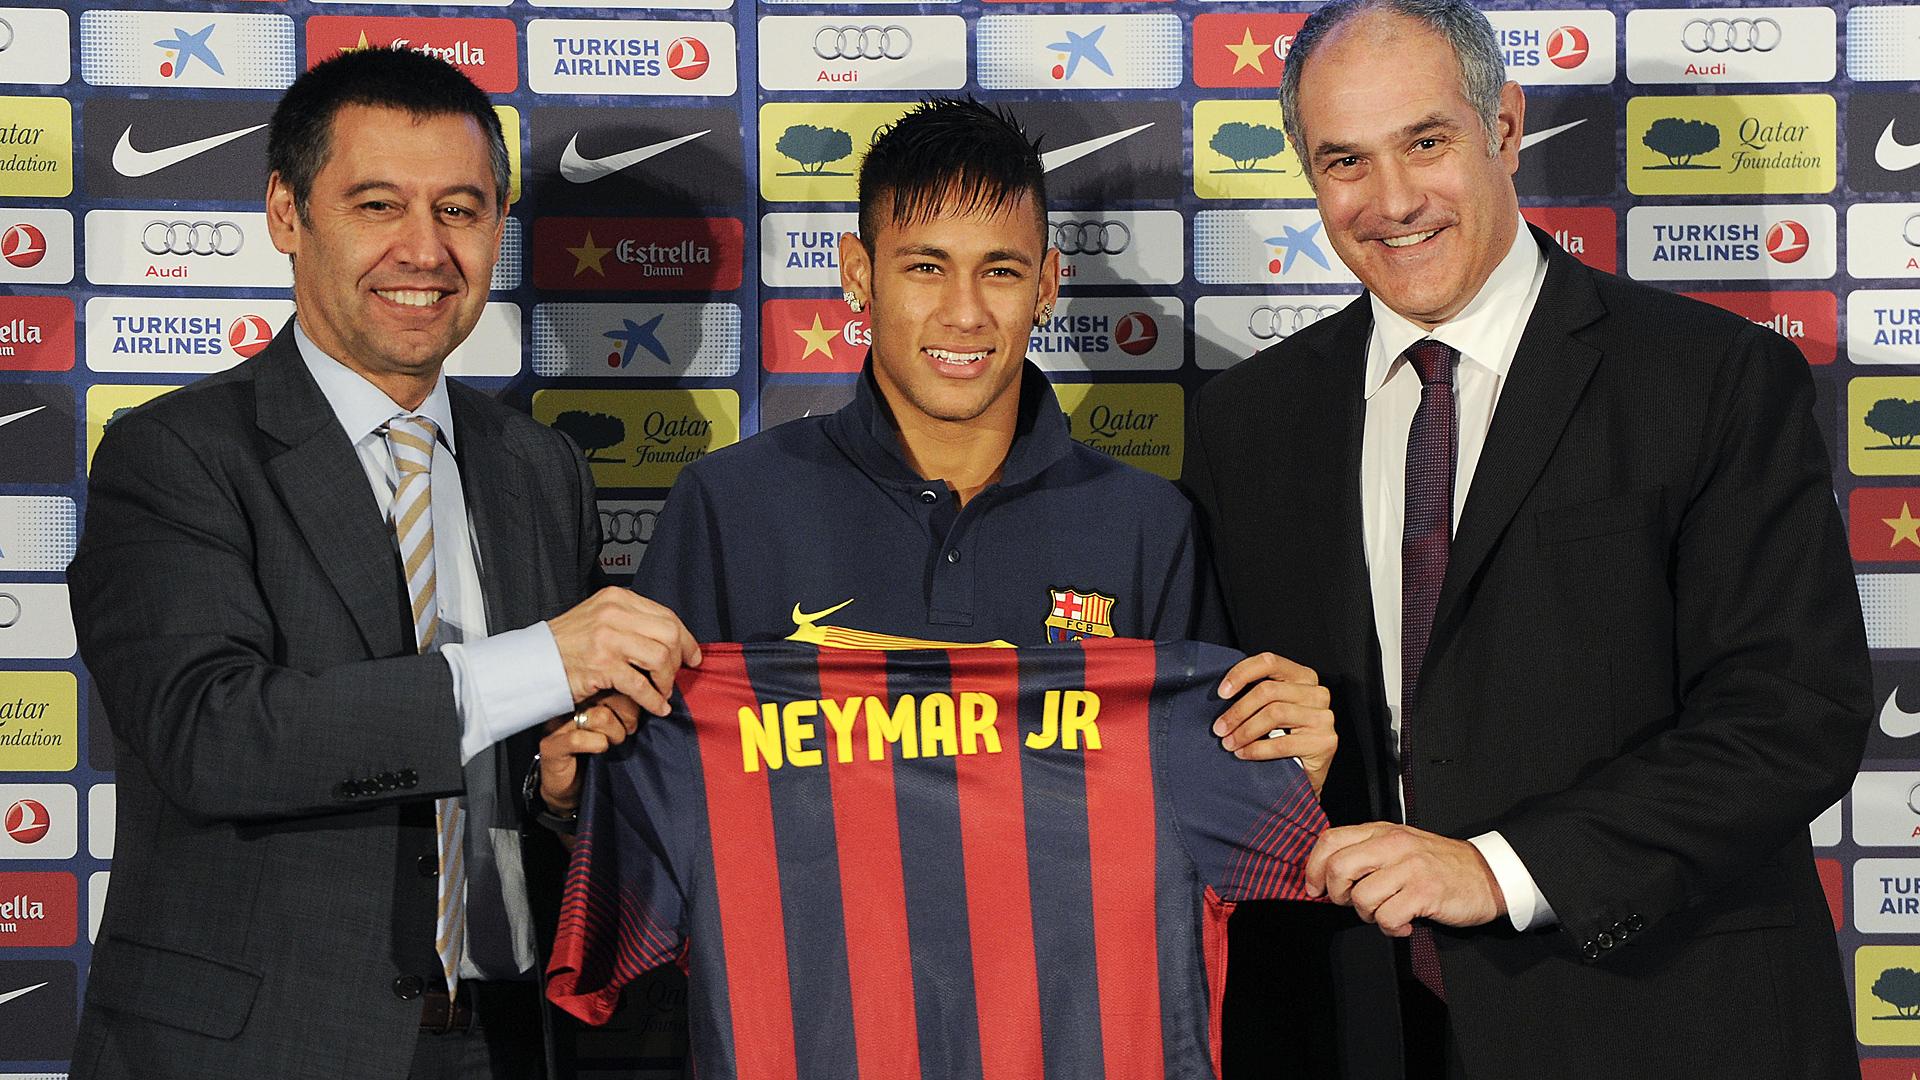 Para la FIFA, el pase de Neymar al Barça fue legal